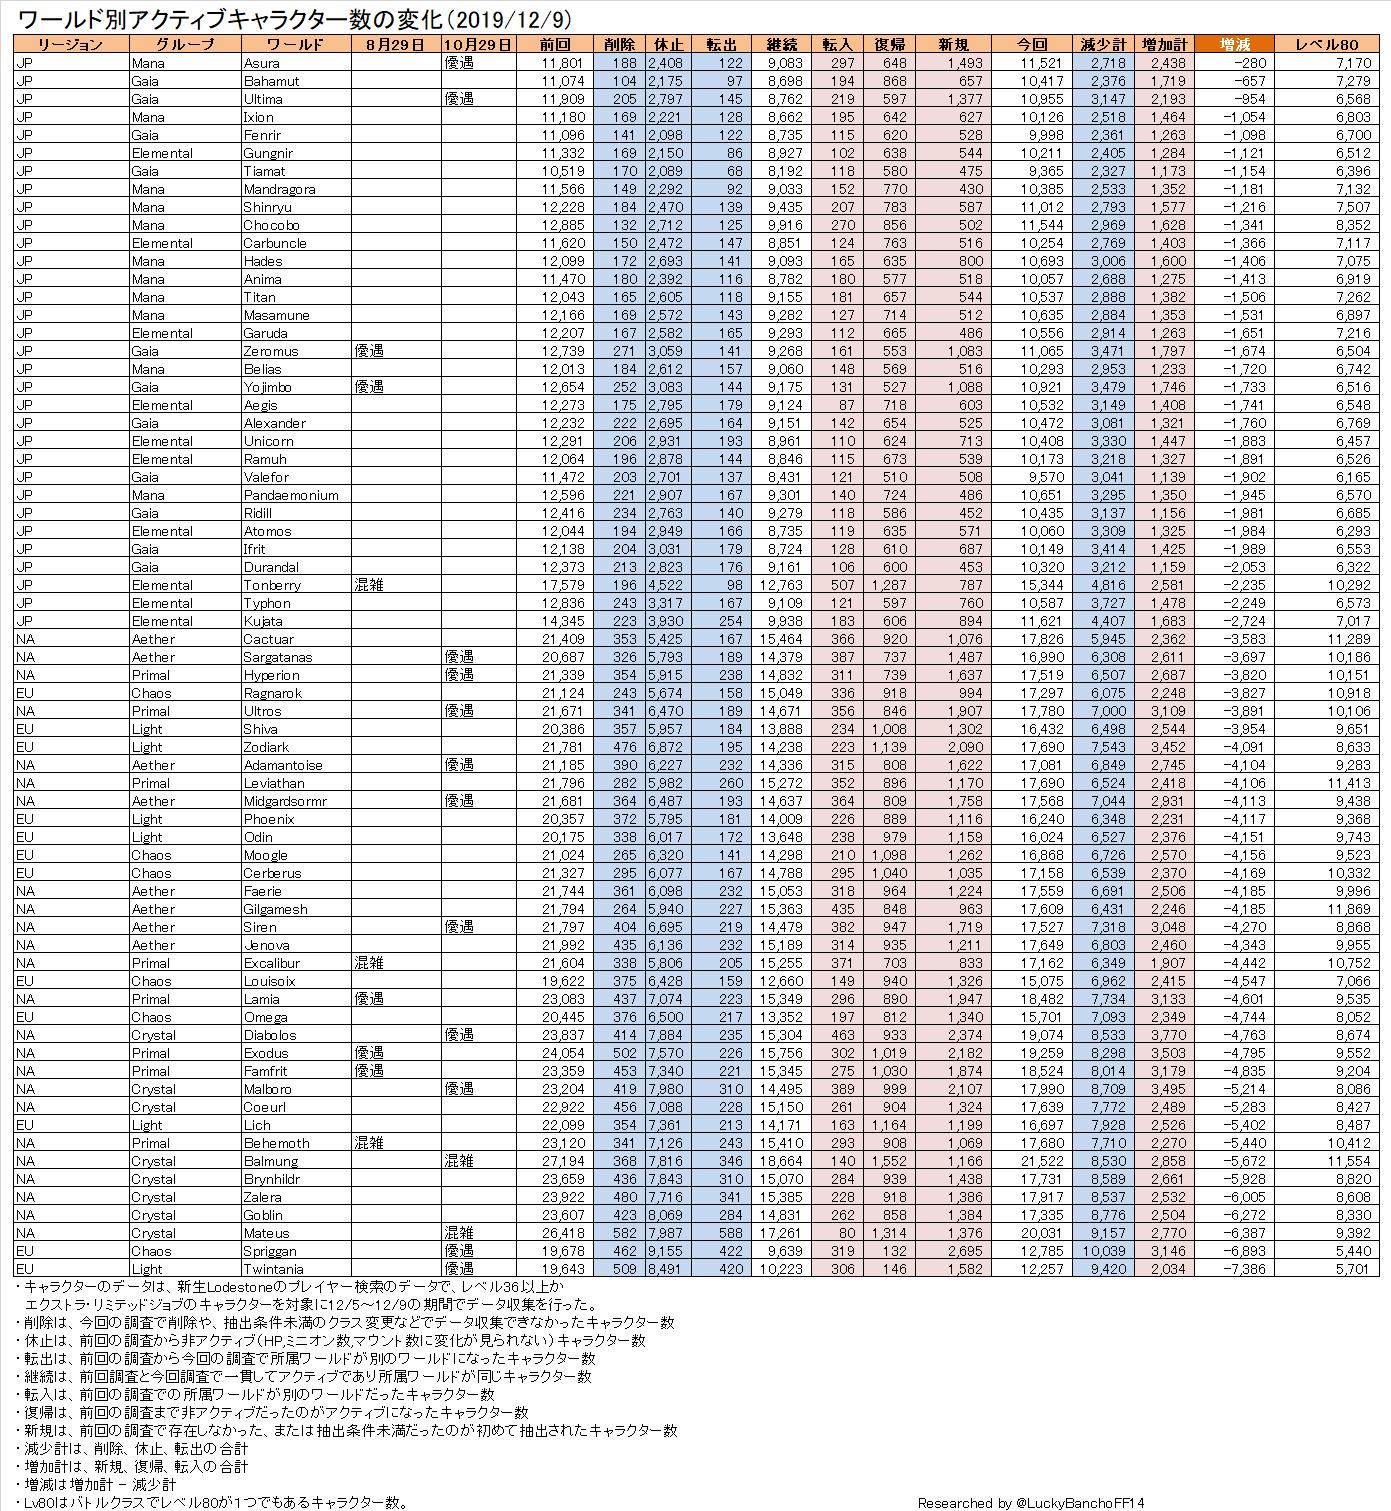 調査 名前 国勢